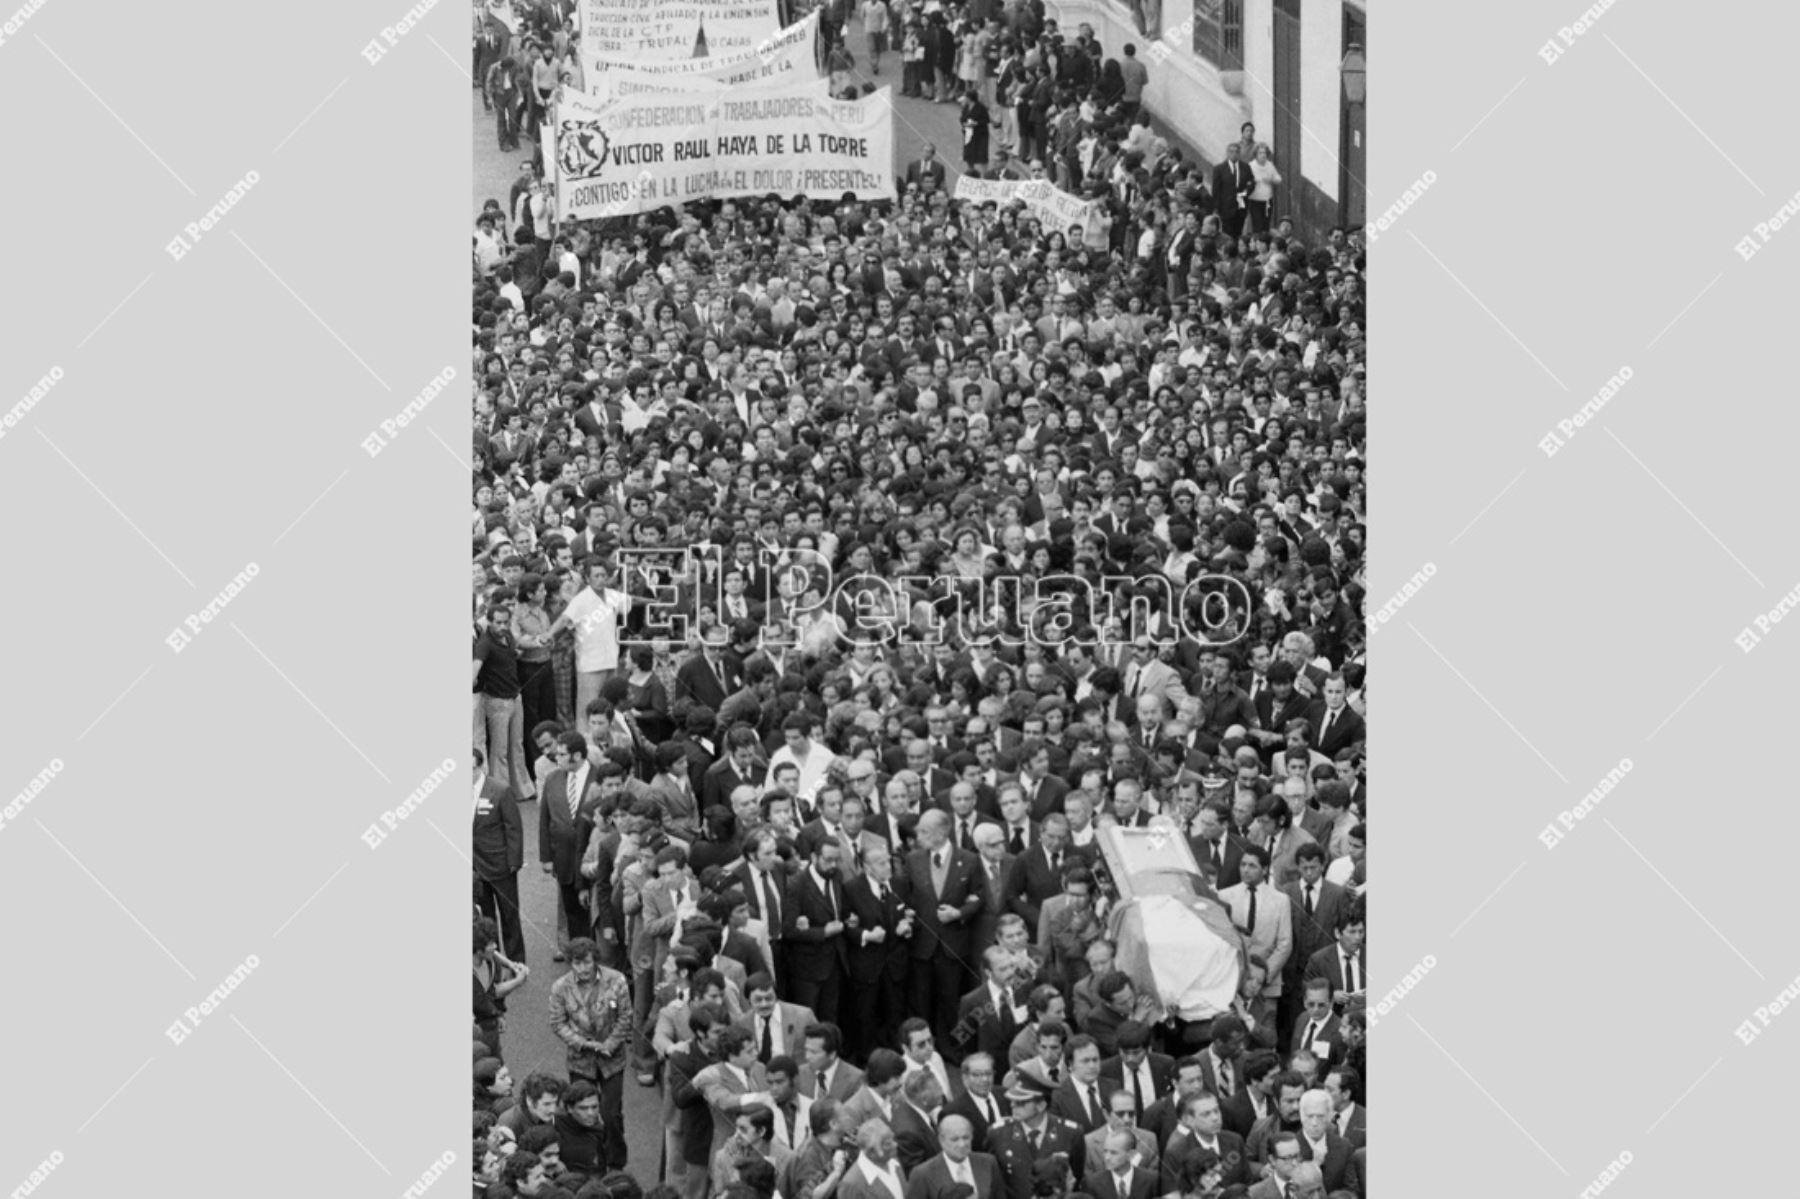 Trujillo - 9 agosto 1979 / Multitudinario adiós al lider y fundador del APRA, Víctor Raúl Haya de la Torre, en su tierra natal. Foto: Archivo El Peruano